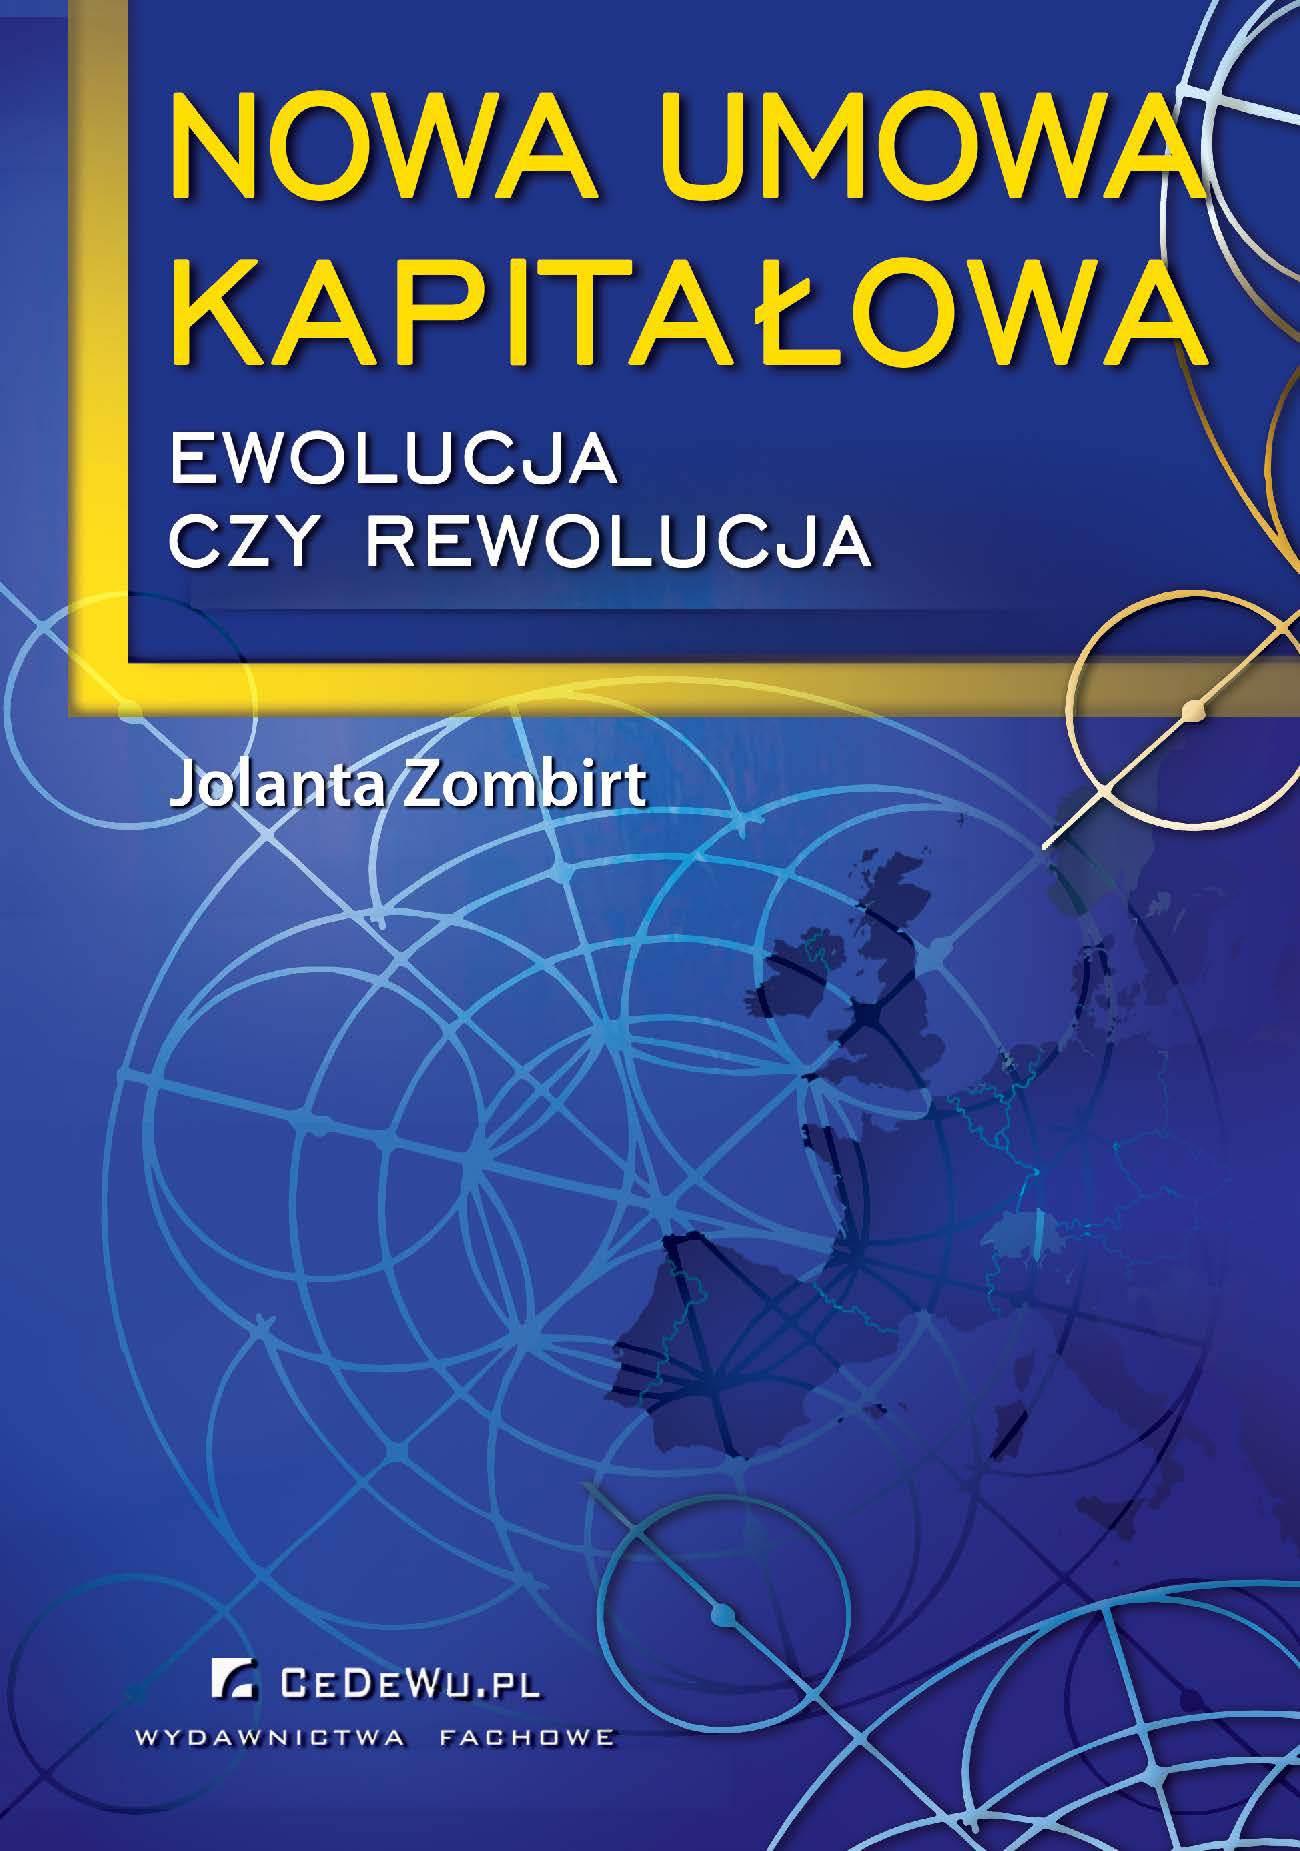 Nowa umowa kapitałowa – ewolucja czy rewolucja - Ebook (Książka PDF) do pobrania w formacie PDF